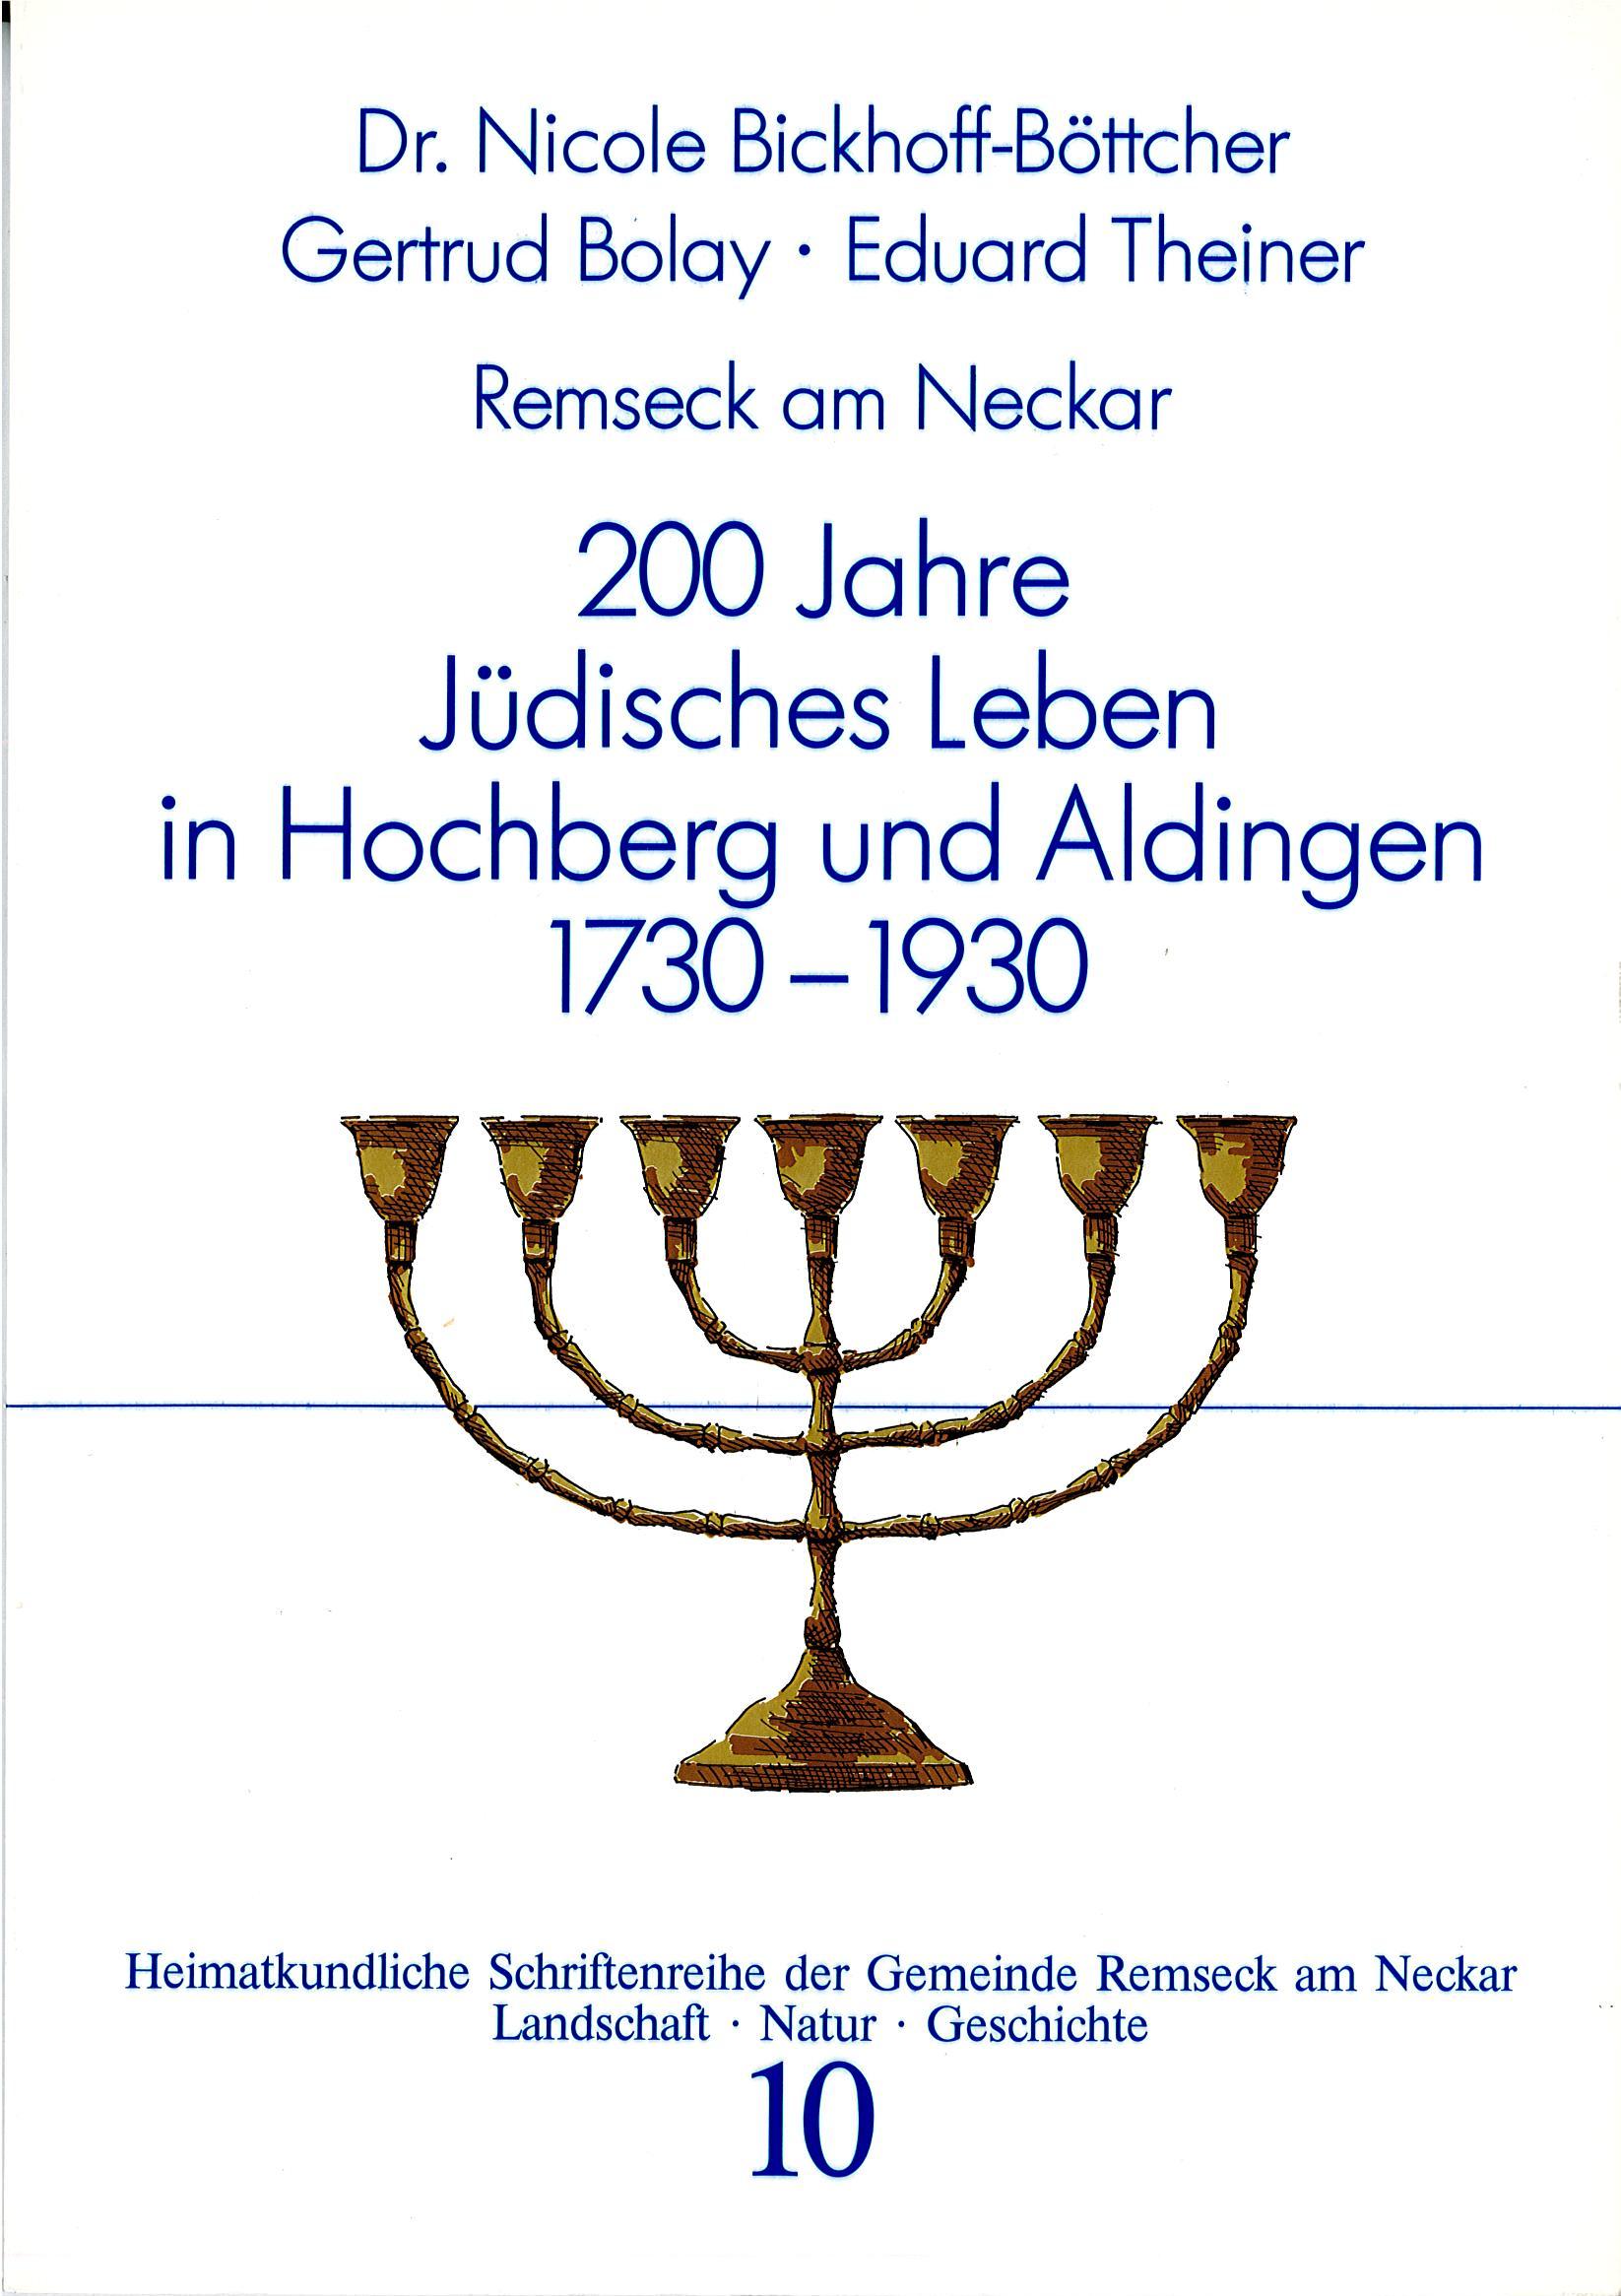 Dr. Nicole Bickhoff-Böttcher/Gertrud Bolay/Eduard Theiner: 200 Jahre Jüdisches Leben in Hochberg und Aldingen 1730 – 1930 (Heimatkundliche Schriftenreihe, Band 10)